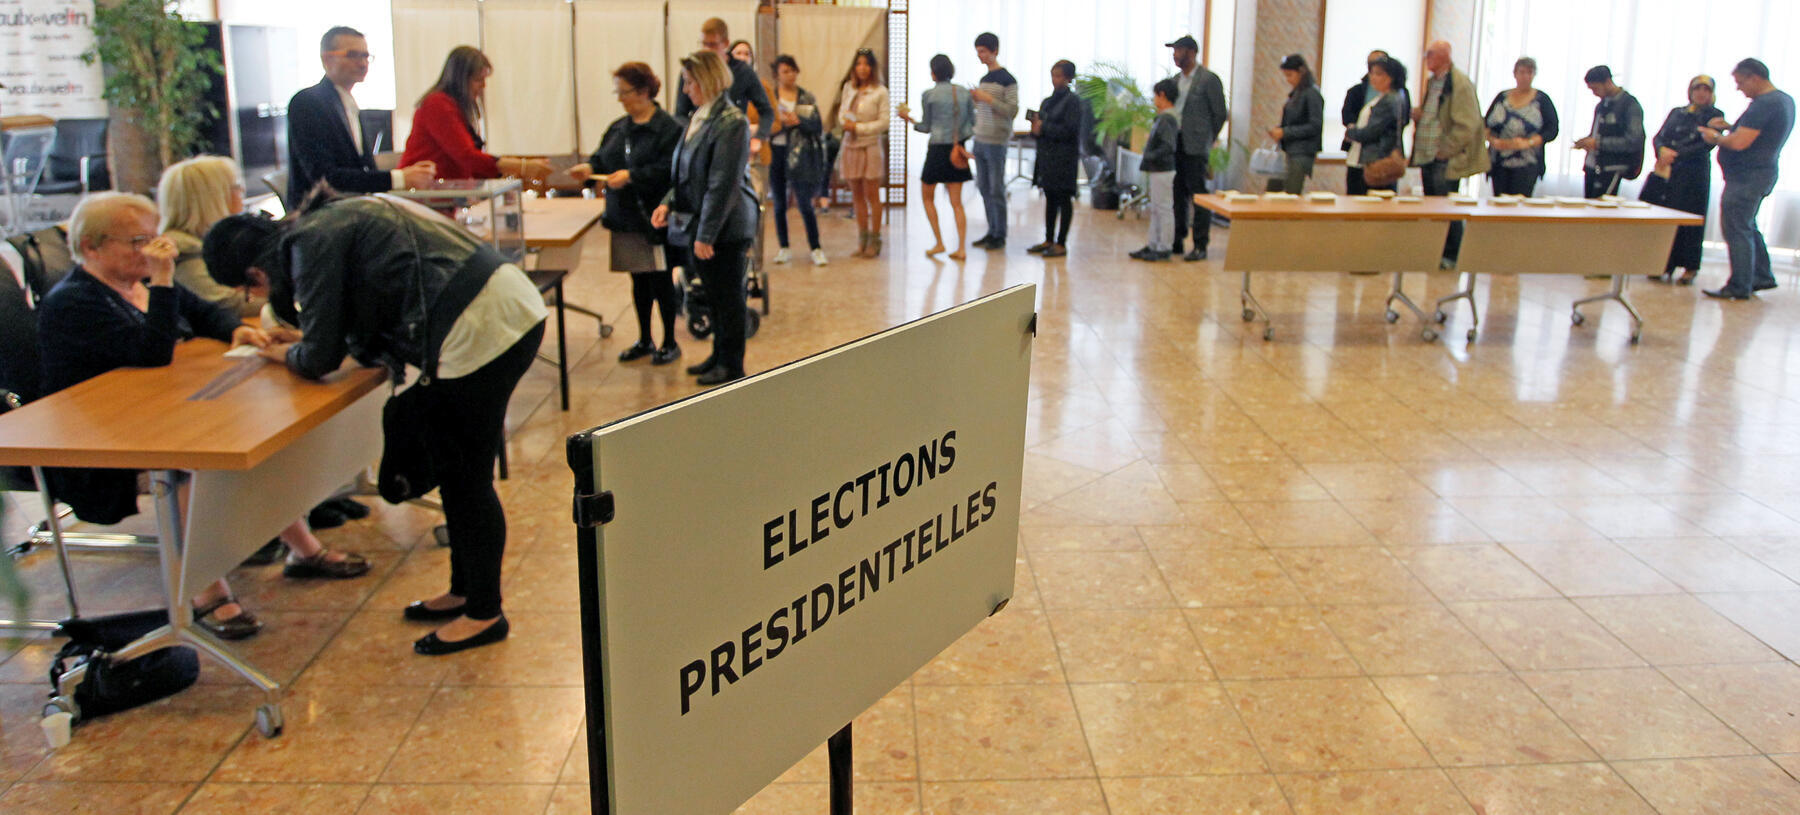 یک حوزه رأیگیری